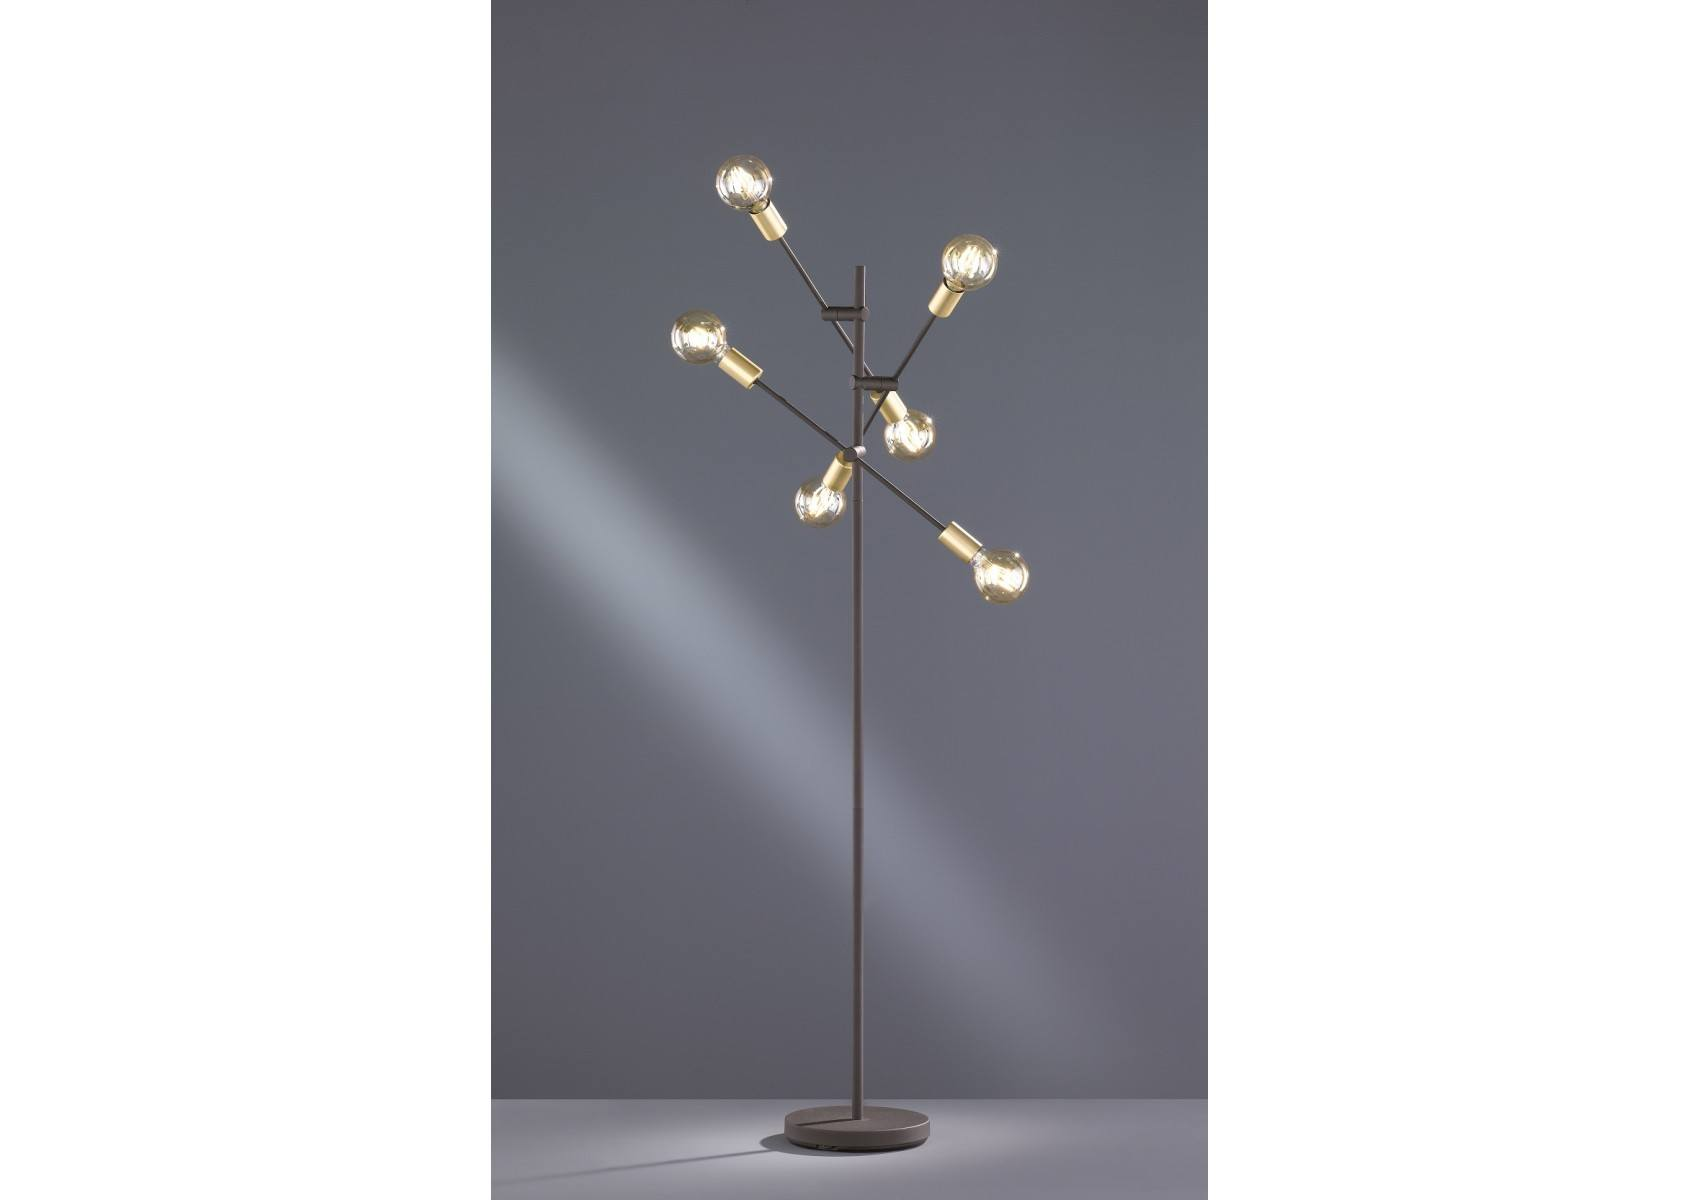 lampadaire cross noir mat et or avec six ampoules. Black Bedroom Furniture Sets. Home Design Ideas